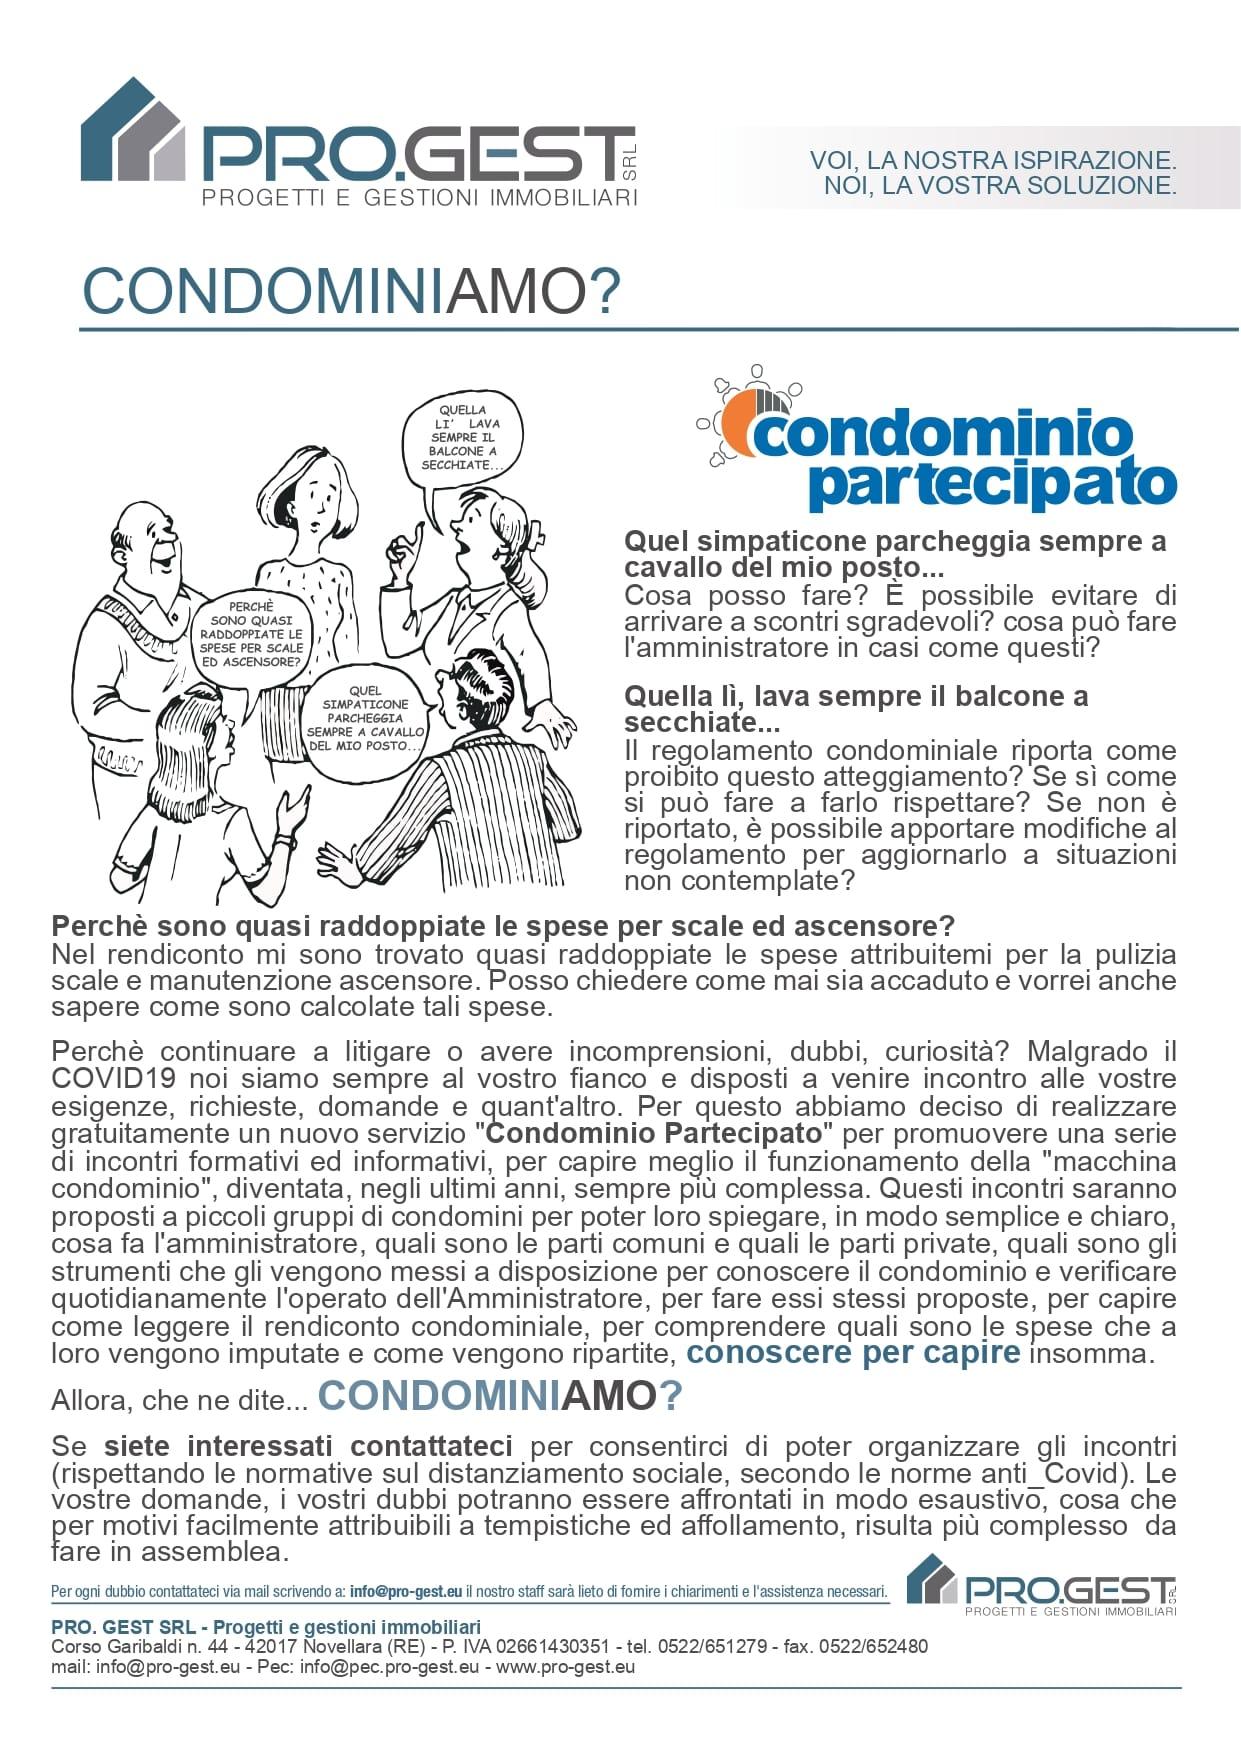 condominio-partecipato-online-videoriunioni-ProGest-Novellara-Amministrazioni-condominiali-condominio